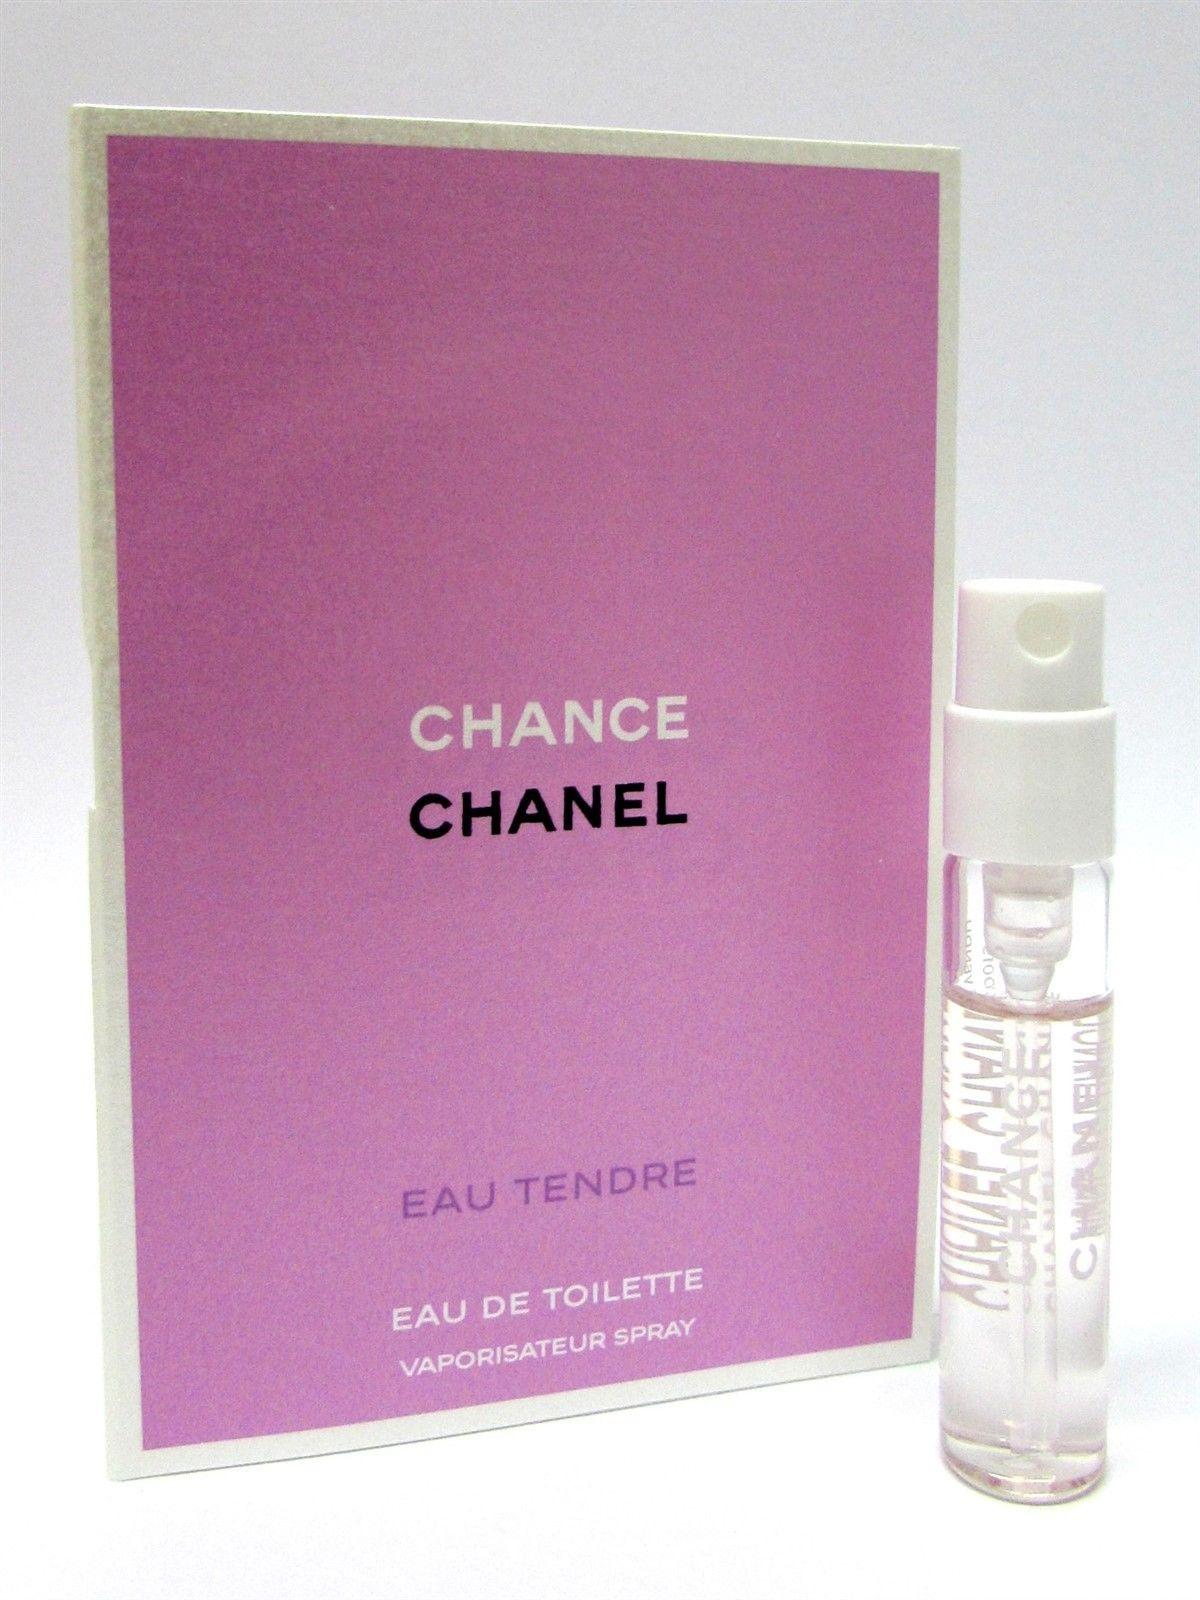 Chanel Chance Eau Tendre toaletní voda 2ml vzorek W